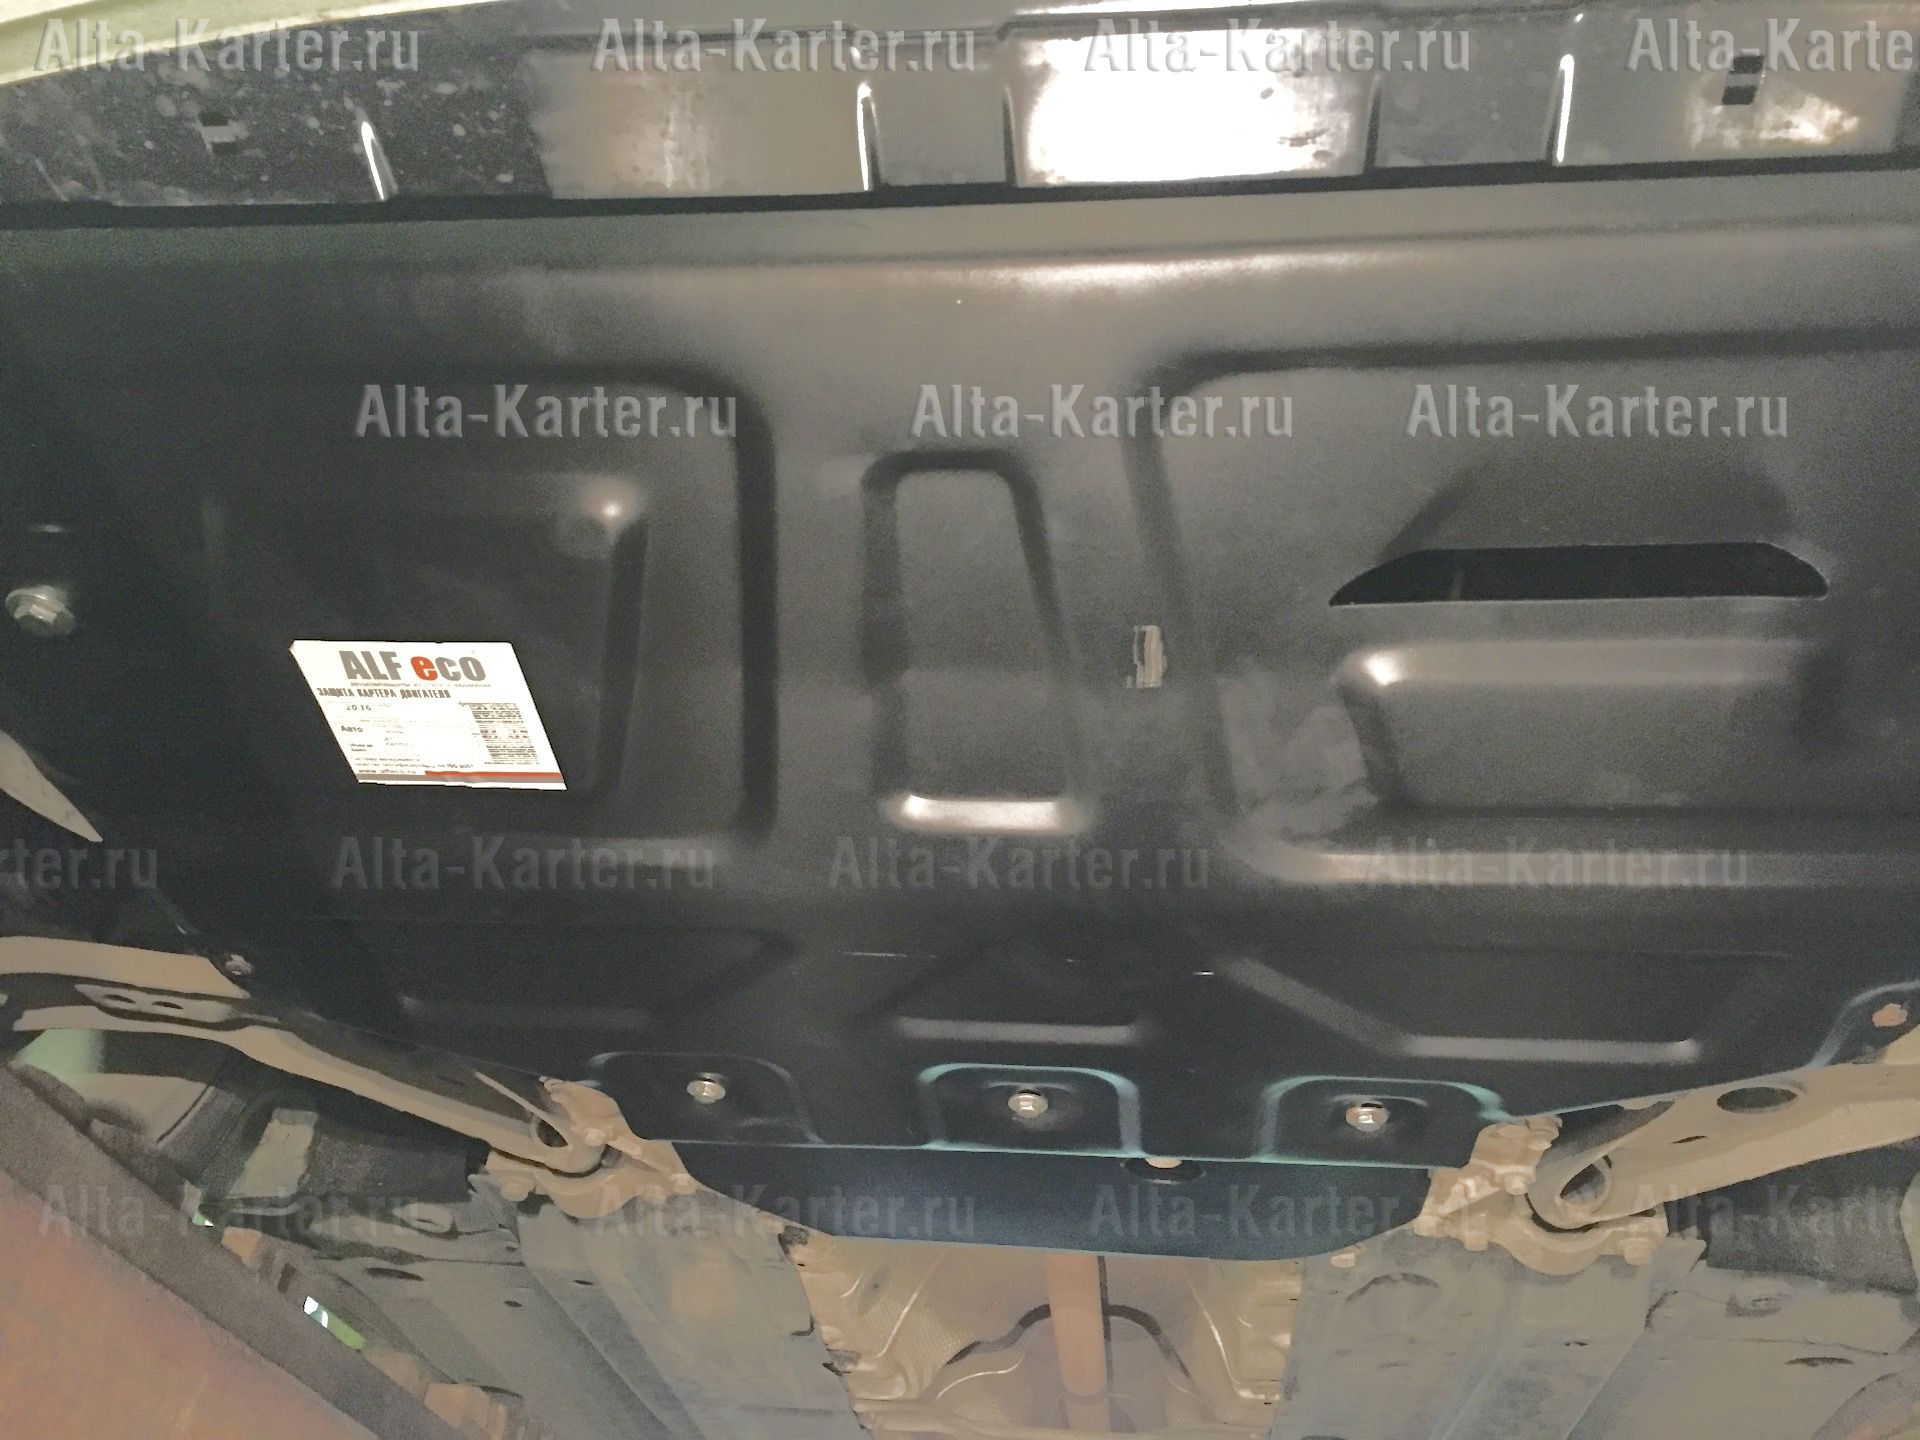 Защита Alfeco для картера и КПП (с полкой) Skoda Octavia A5 2004-2013. Артикул ALF.20.16 st